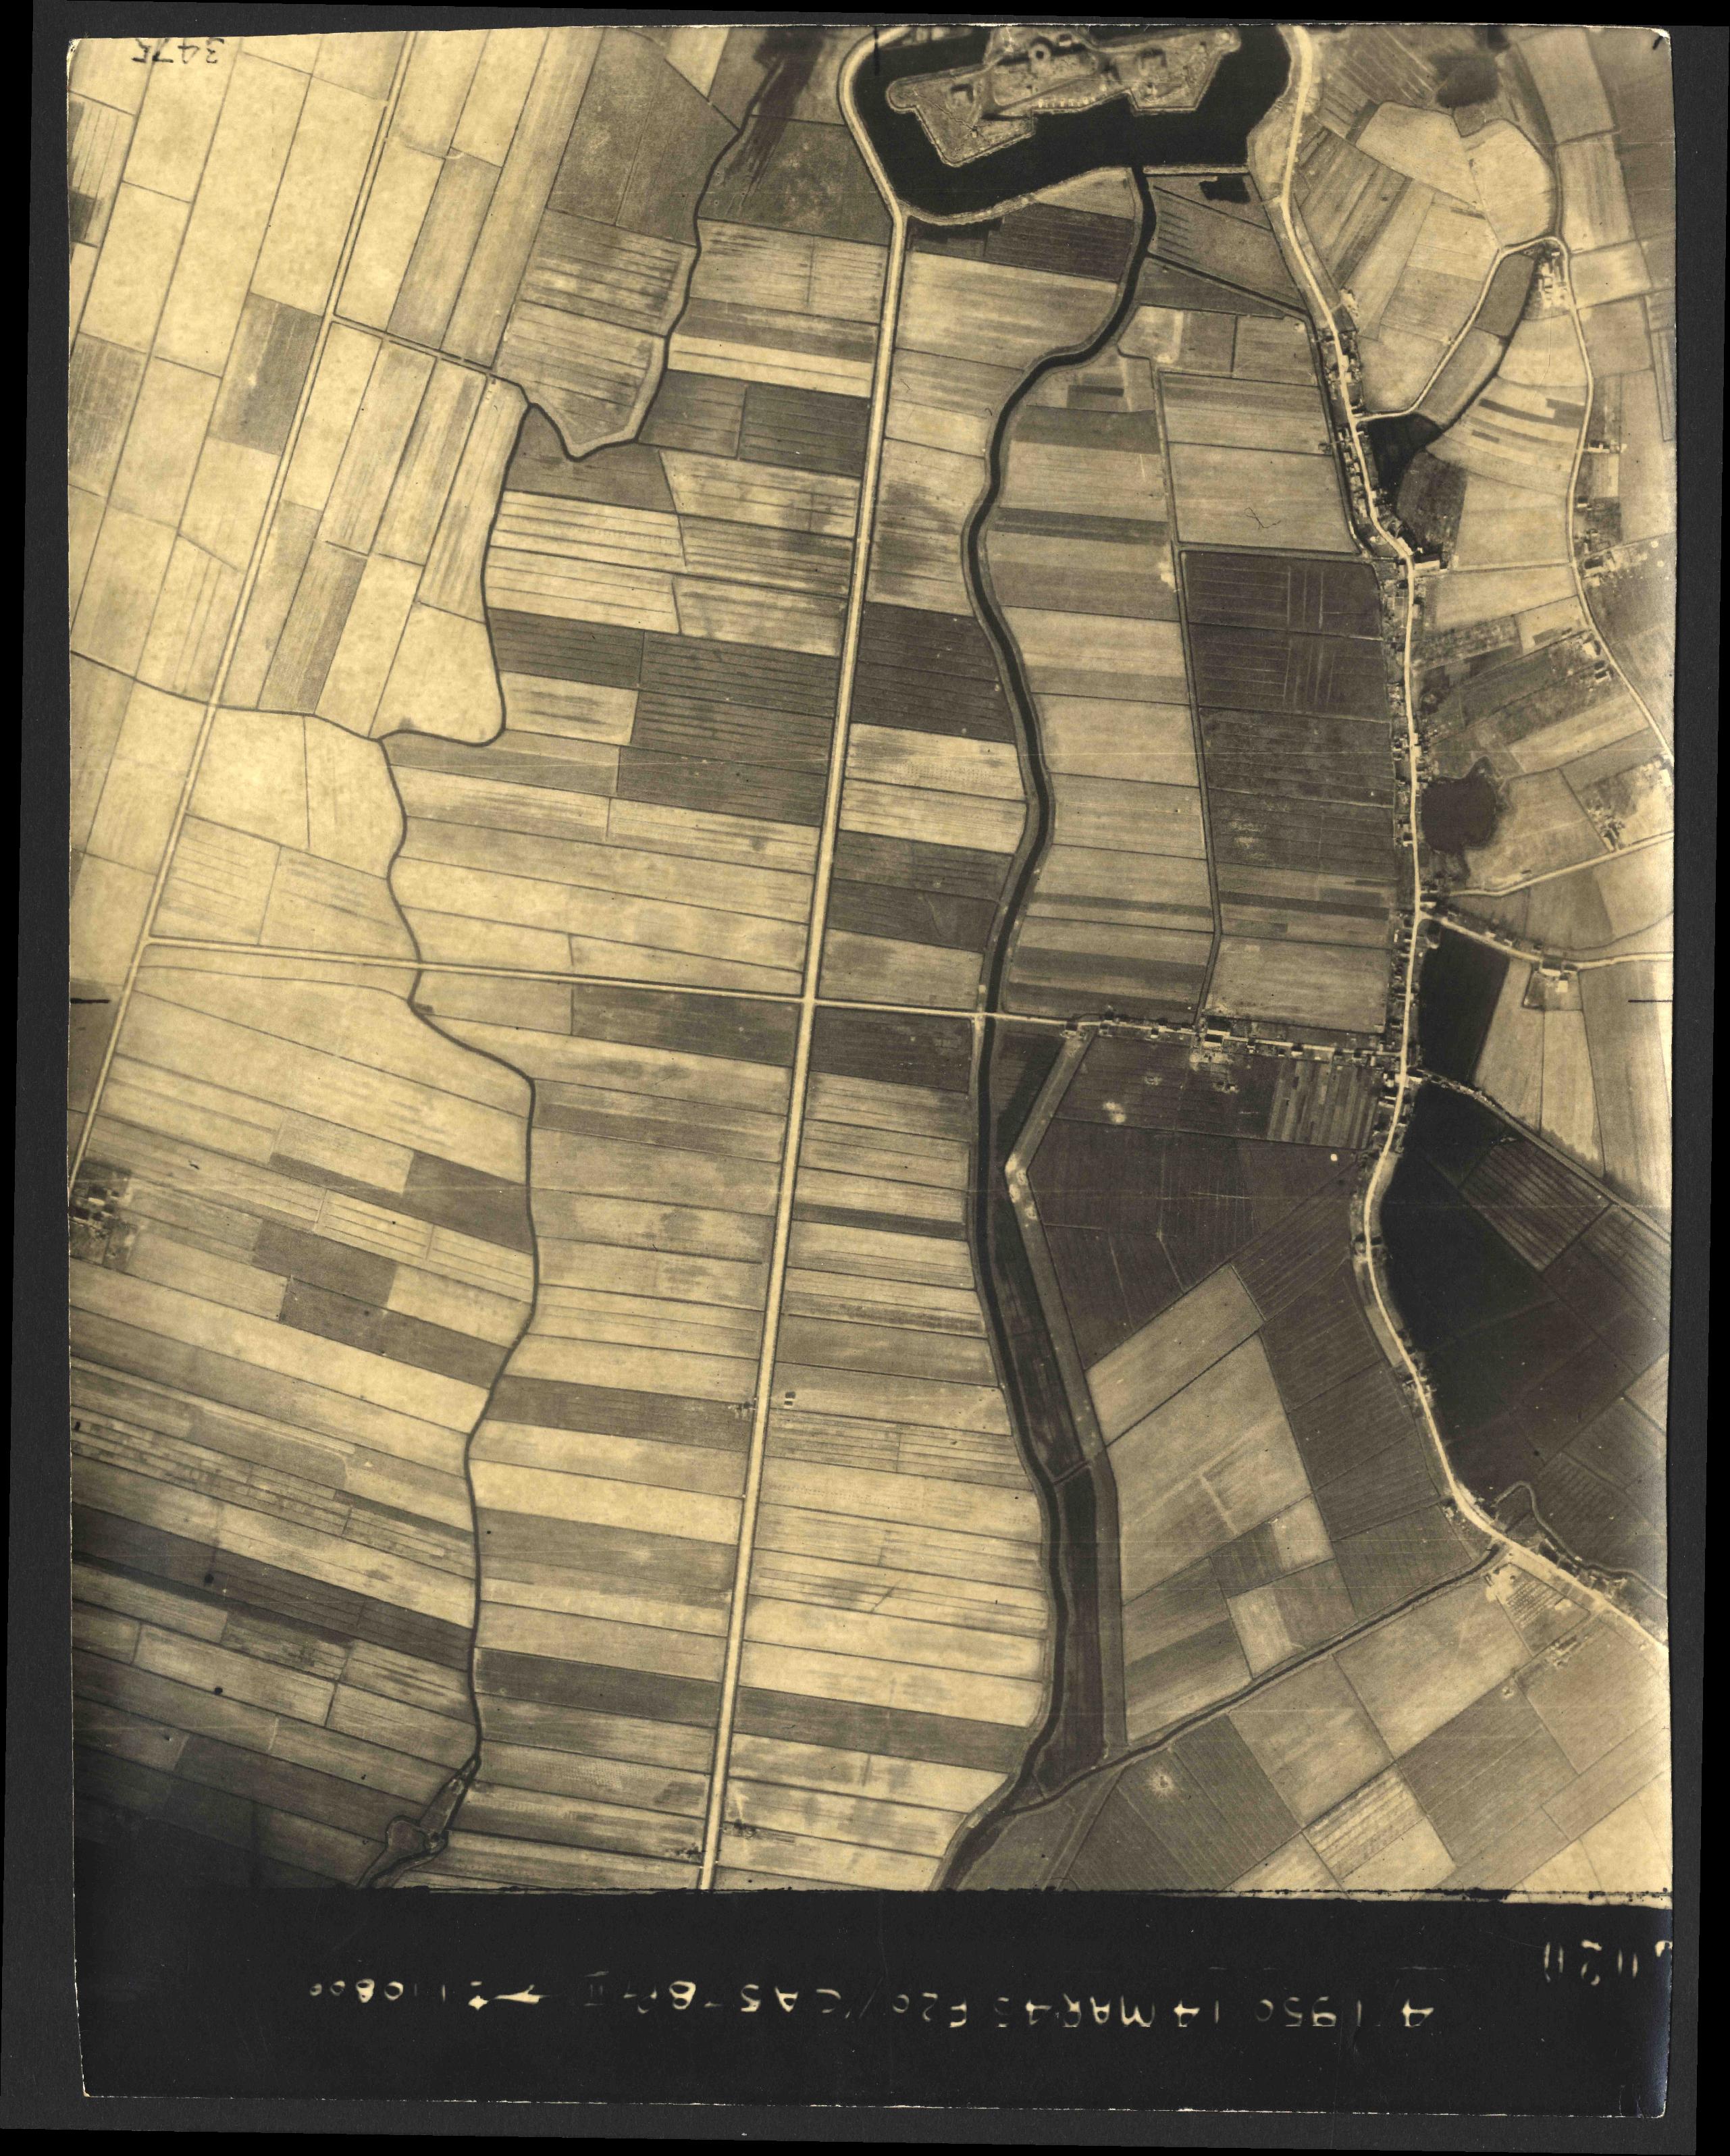 Collection RAF aerial photos 1940-1945 - flight 010, run 03, photo 3020